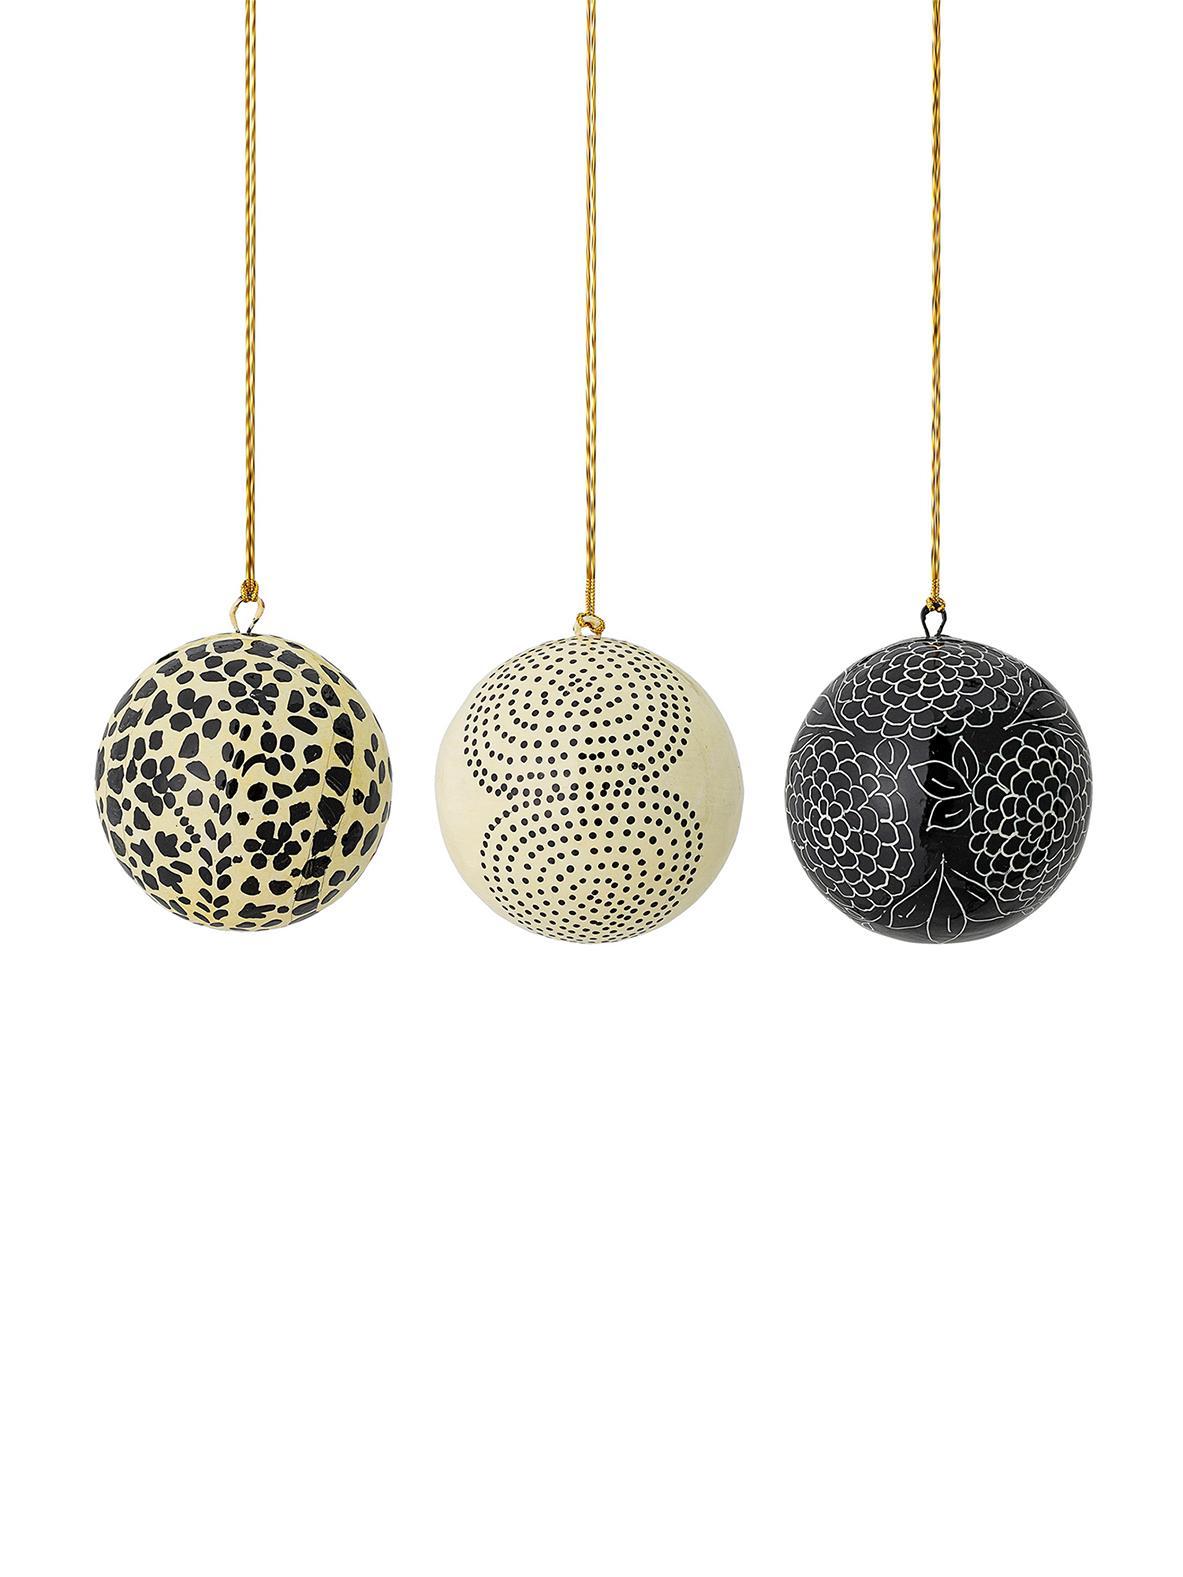 Handgefertigtes Weihnachtskugel-Set Mech Ø8cm, 3-tlg., Pappmaché, Beige, Schwarz, Ø 8 cm